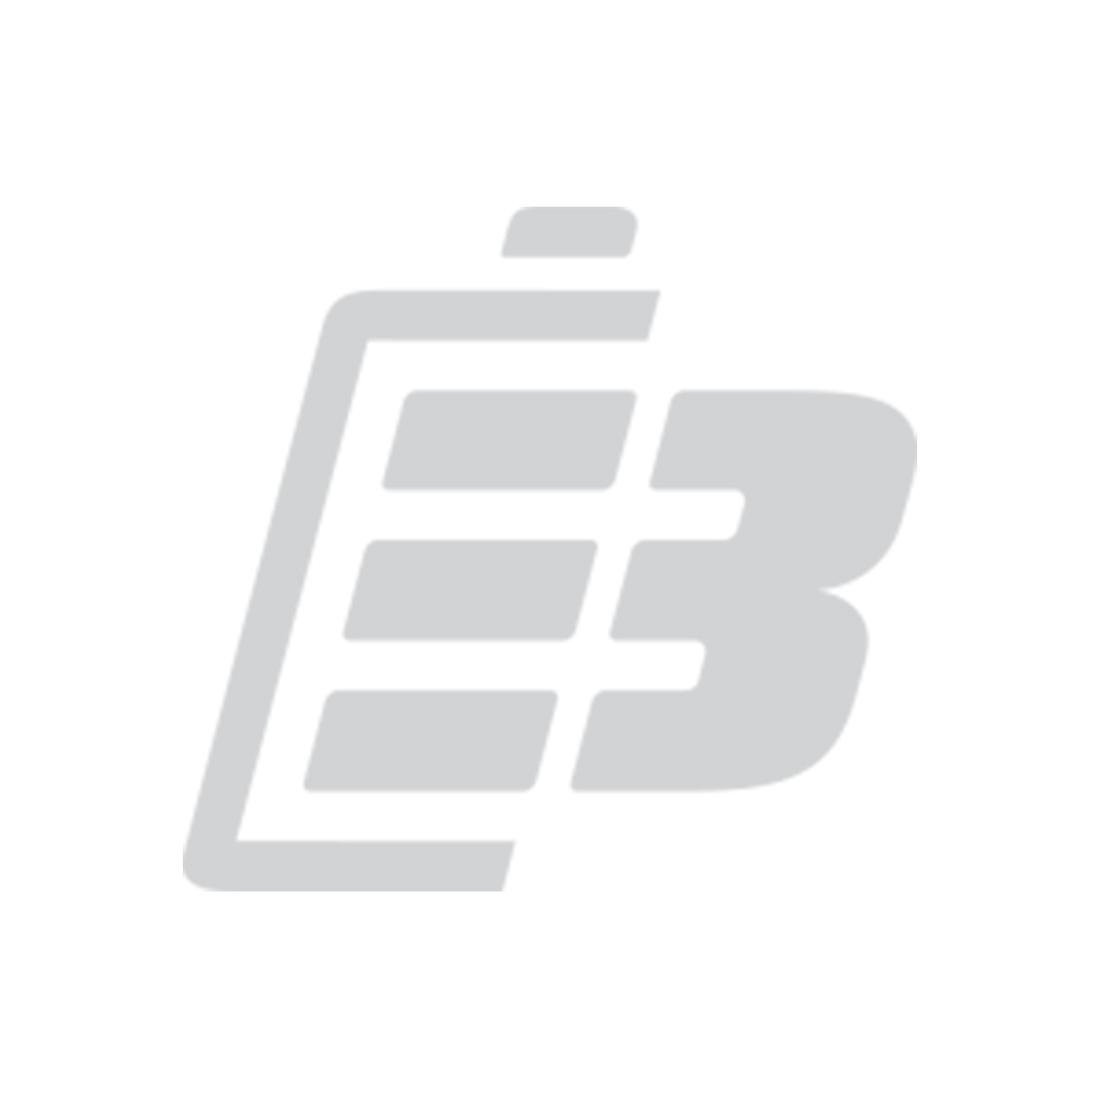 Panasonic Alkaline Power AA Alkaline battery - Flashlights